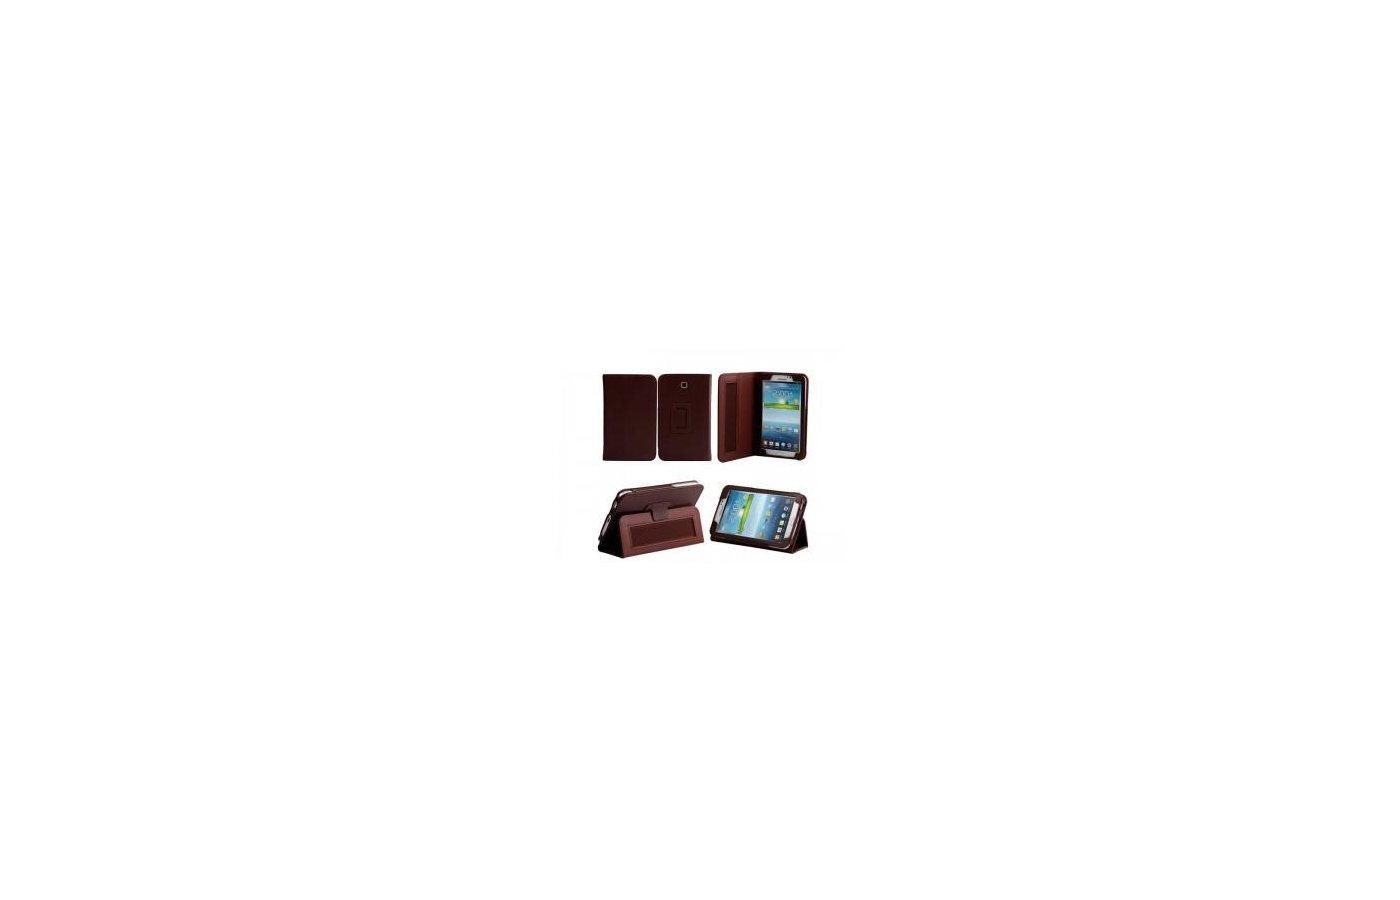 Чехол для планшетного ПК IT BAGGAGE для SAMSUNG Galaxy Tab4 7.0 искус. кожа коричневый ITSSGT7402-2